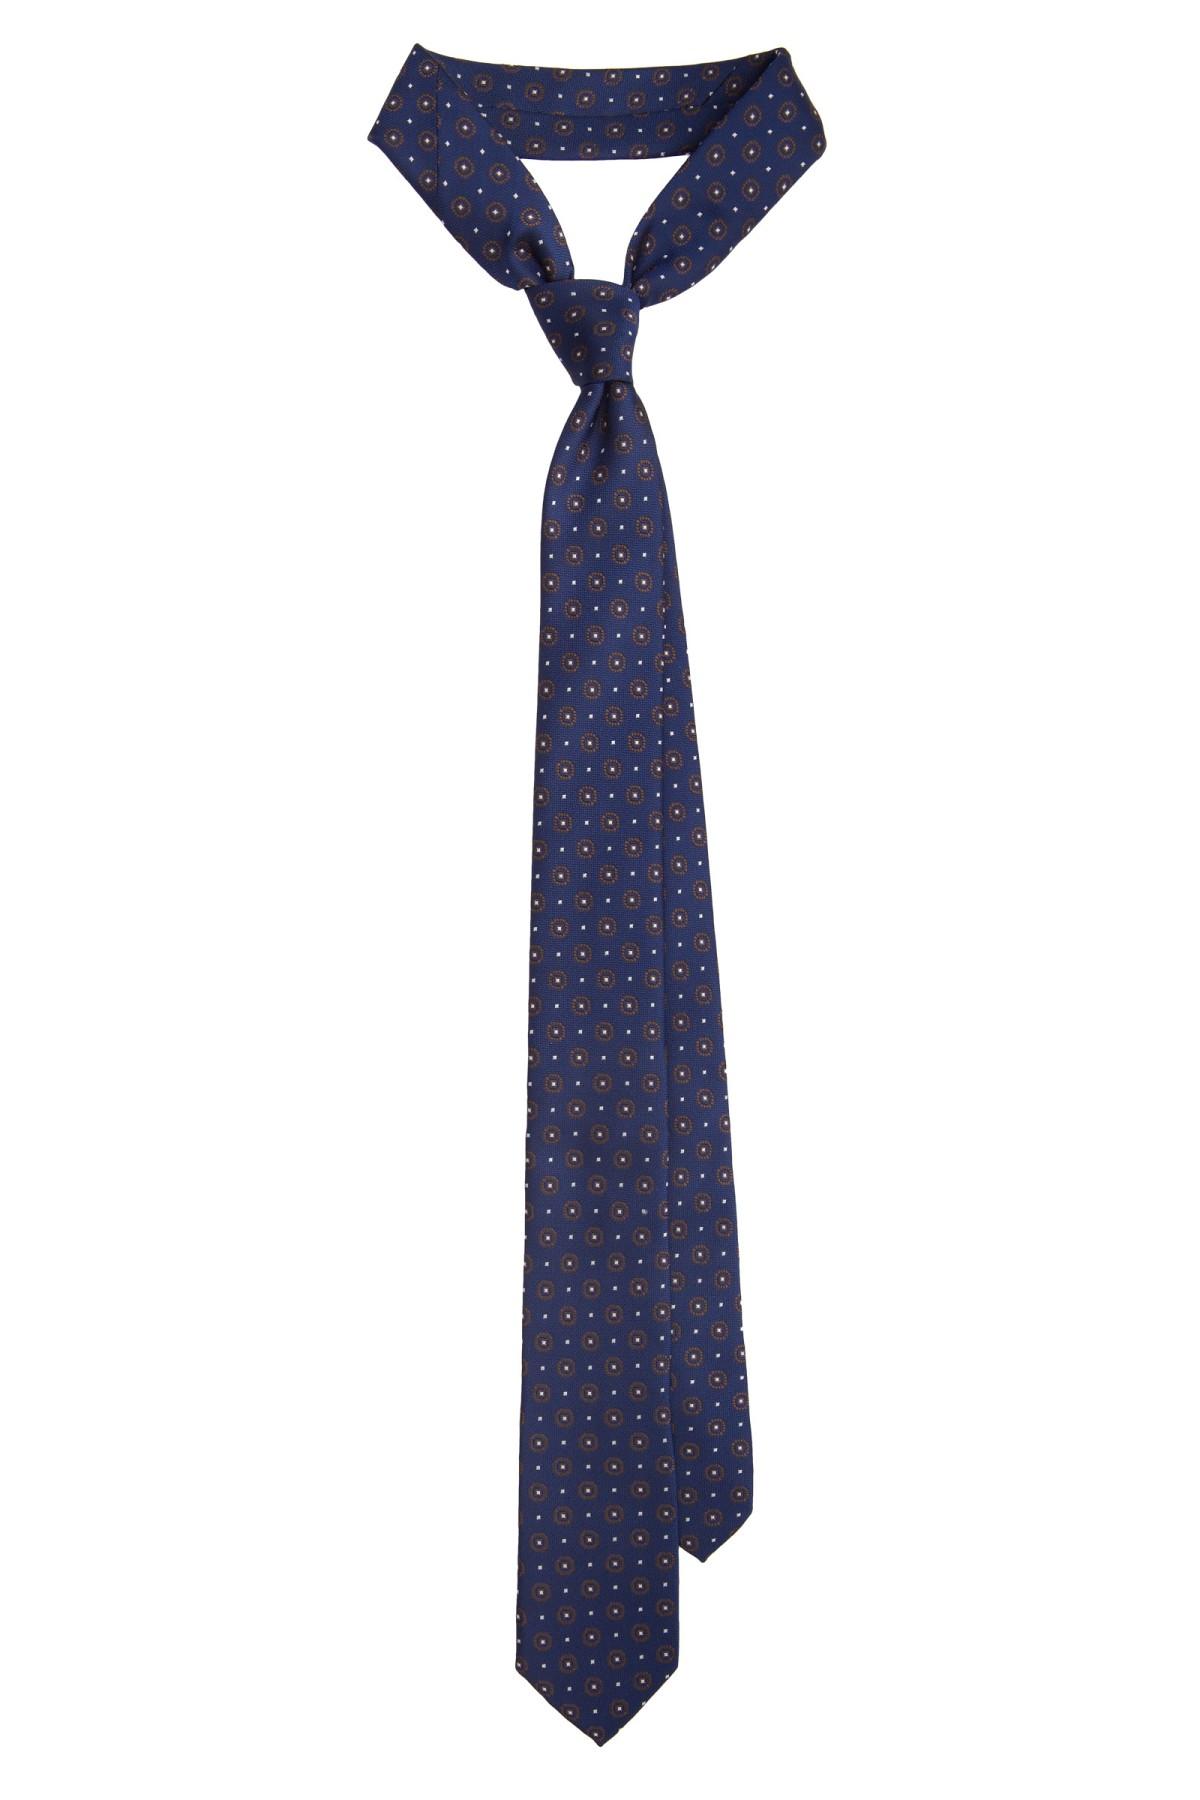 Krawat Granatowy Wzór Geometryczny